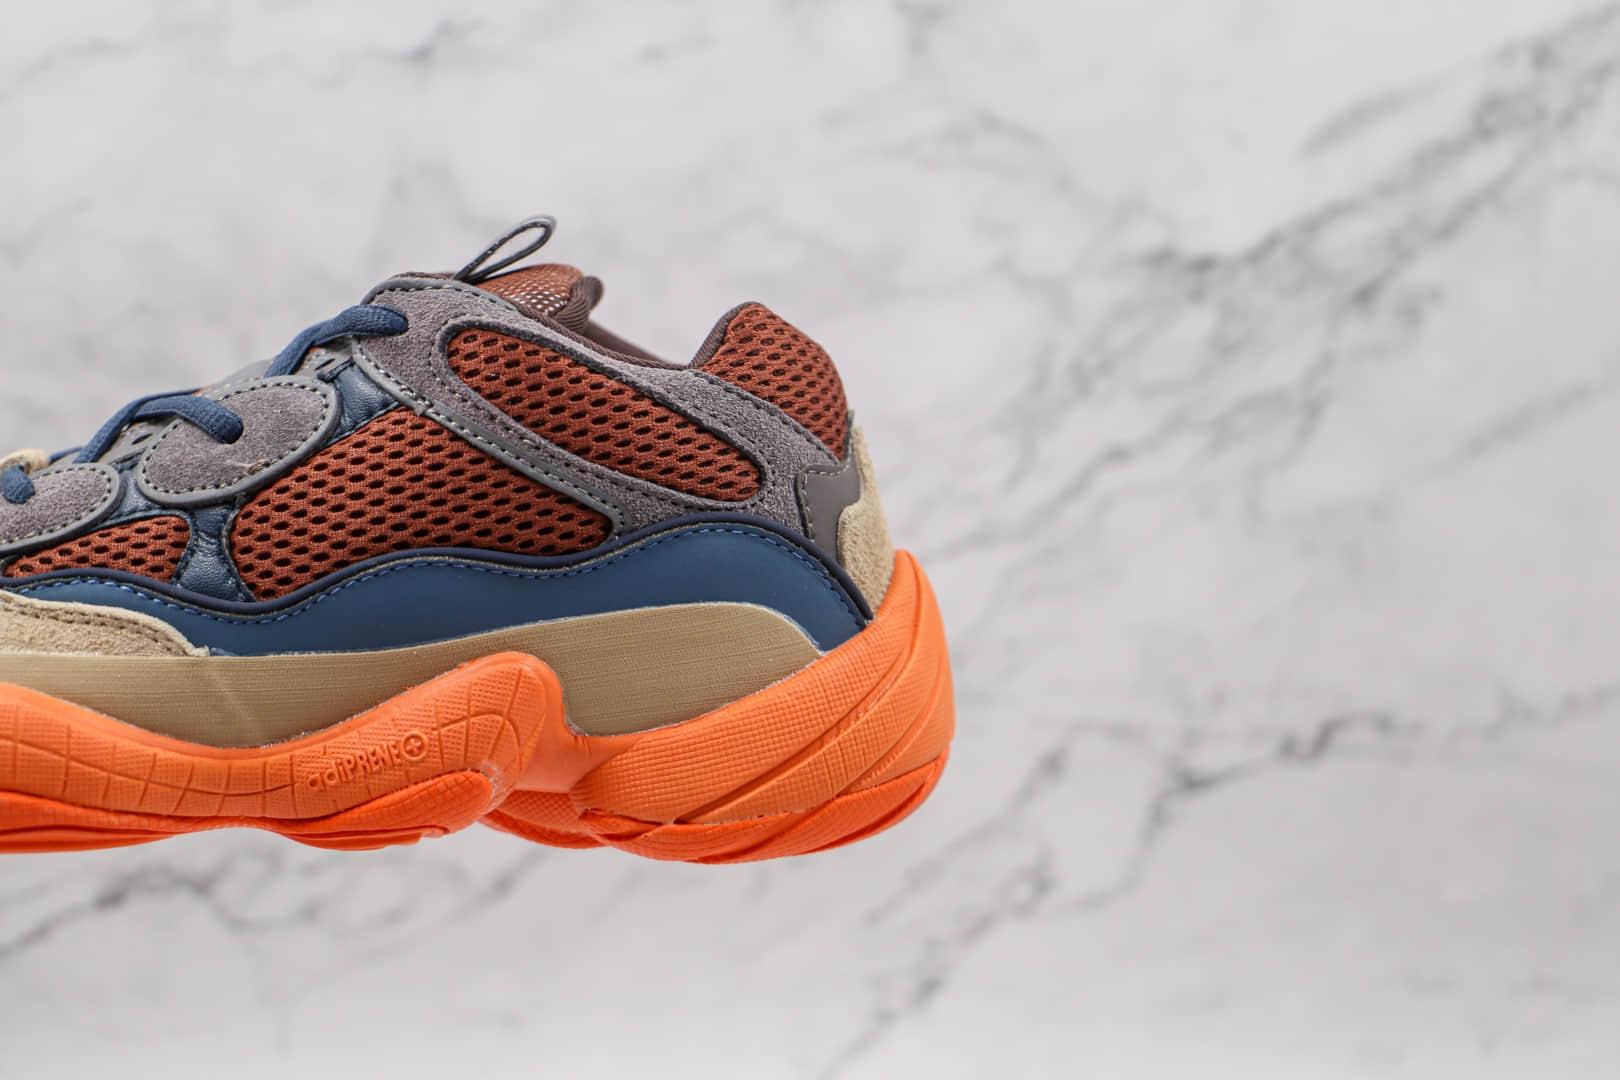 阿迪达斯Adidas Yeezy 500纯原版本椰子500蓝棕橙色复古老爹鞋正确鞋面颜色 货号:GZ5541